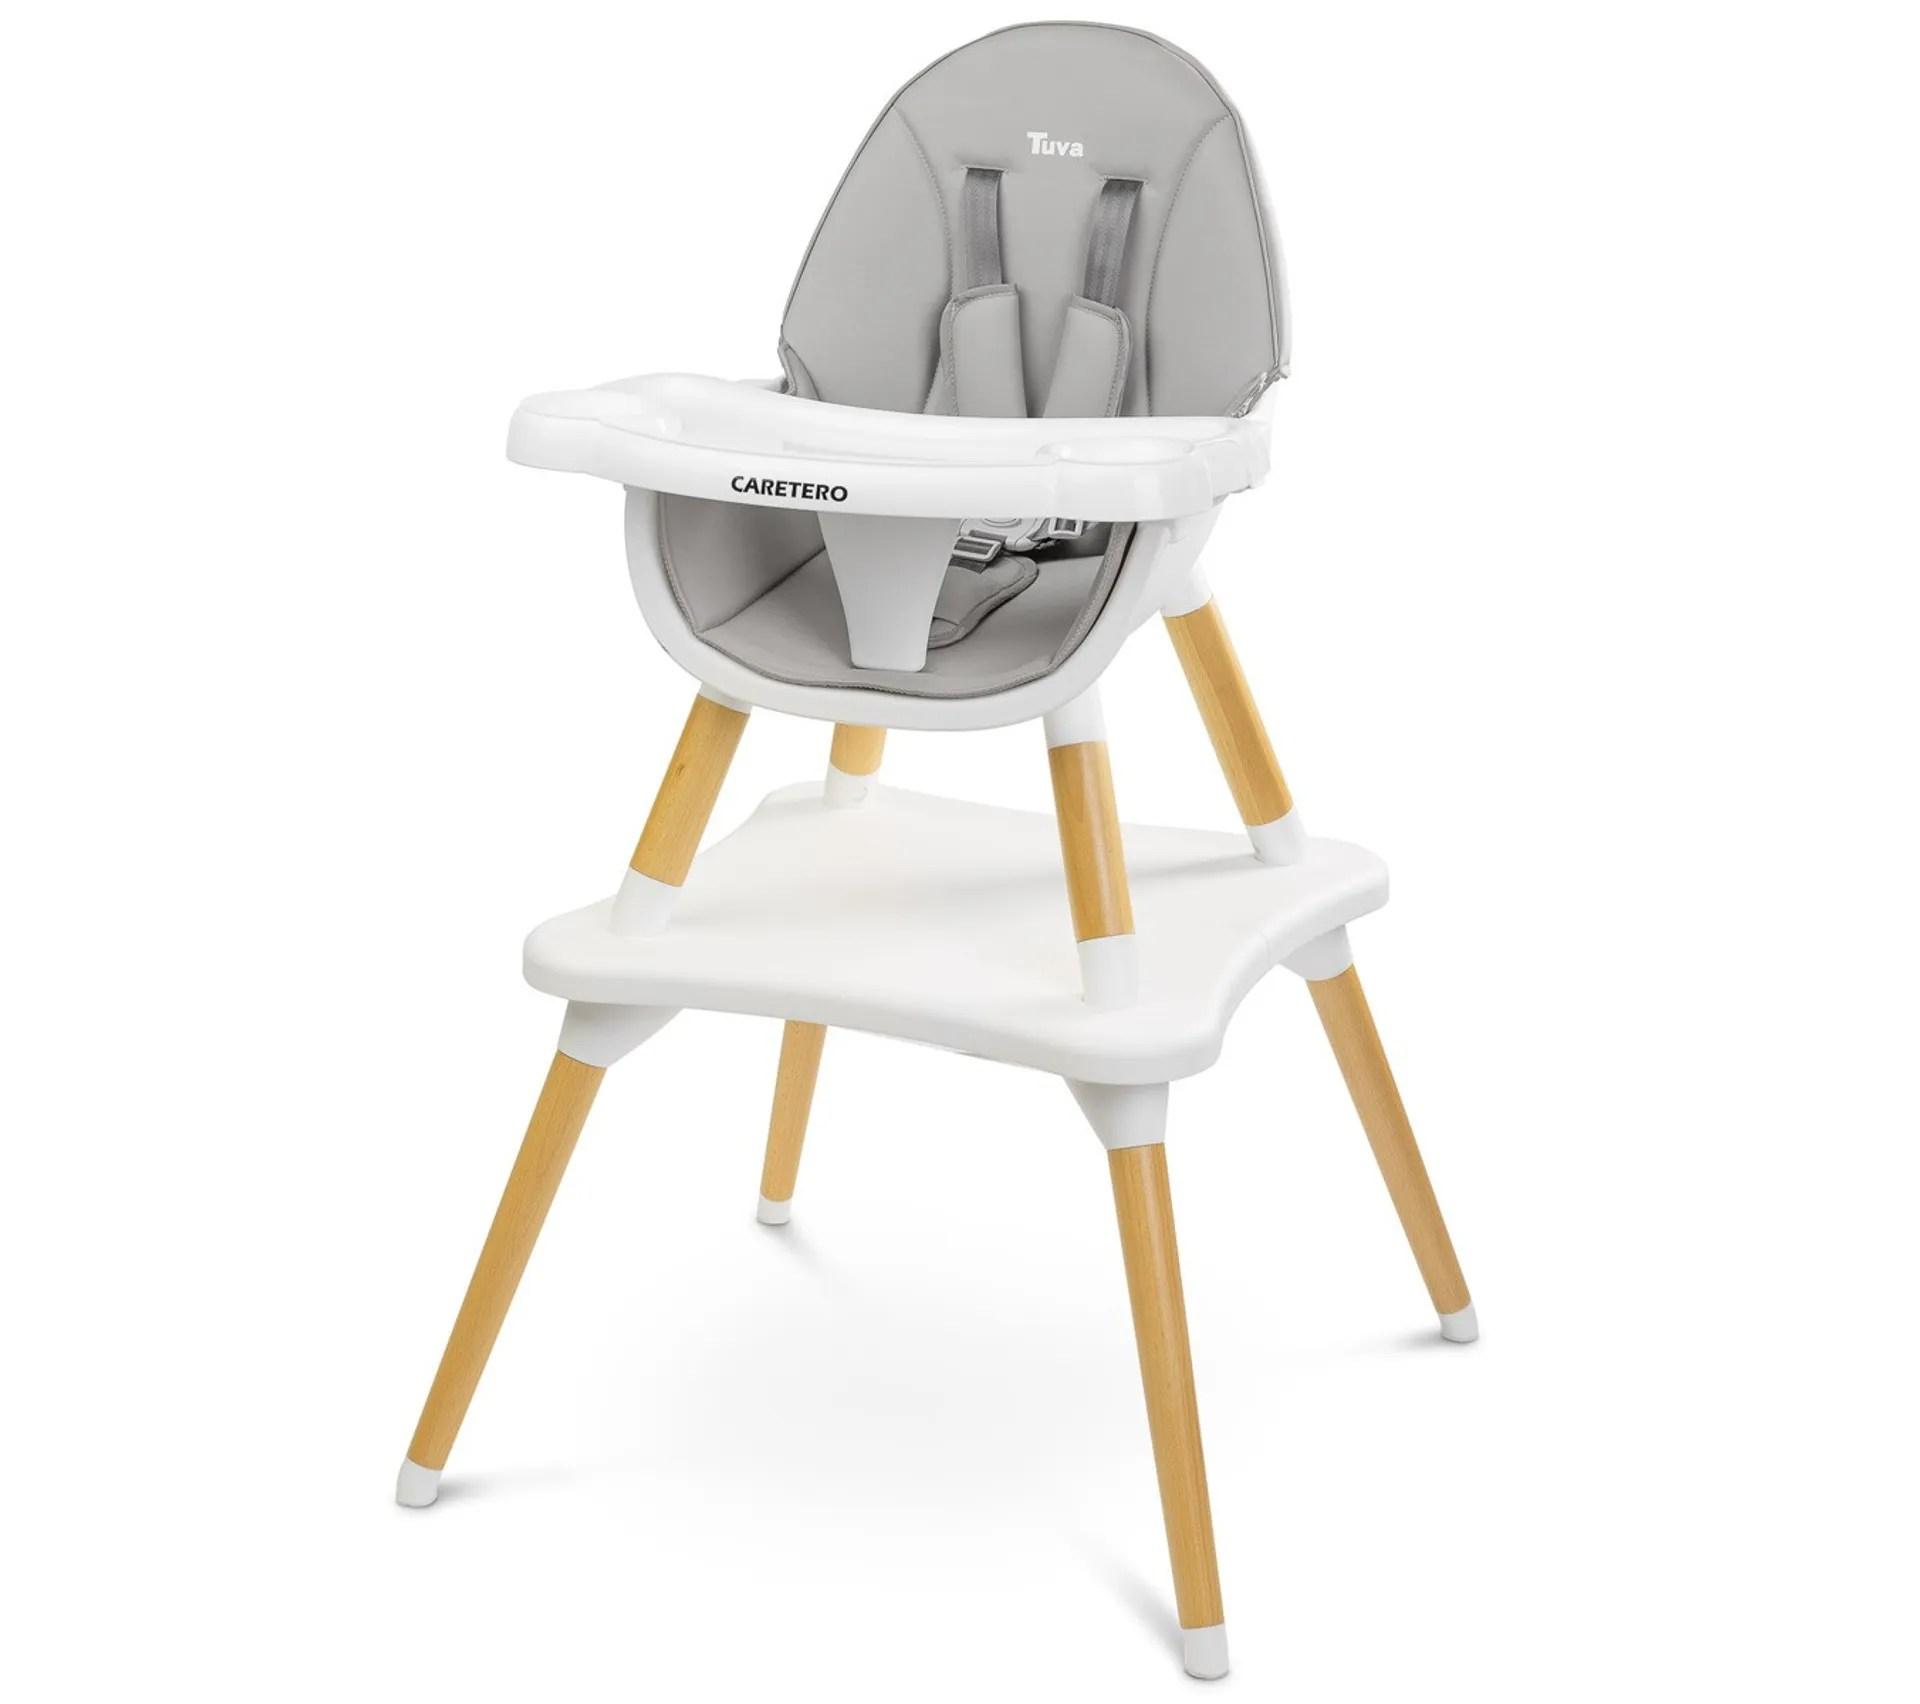 tuva chaise haute evolutive en table et chaise gris